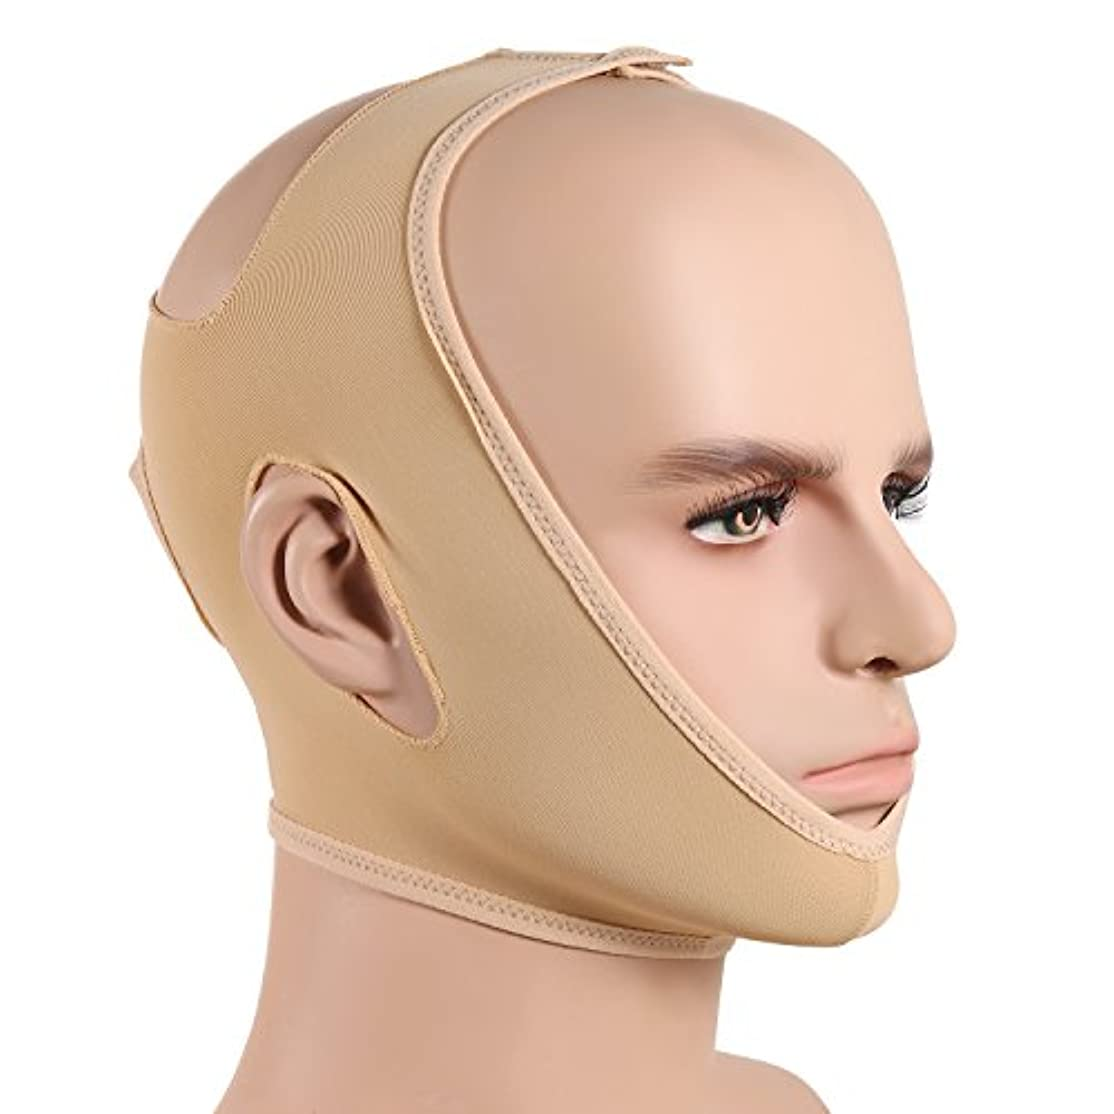 絶望的な環境に優しいを必要としていますJewelryWe 小顔ベルト 美顔マスク 眠りながら 小顔 矯正 額、顎下、頬リフトアップ 小顔マスク 男女兼用 Mサイズ